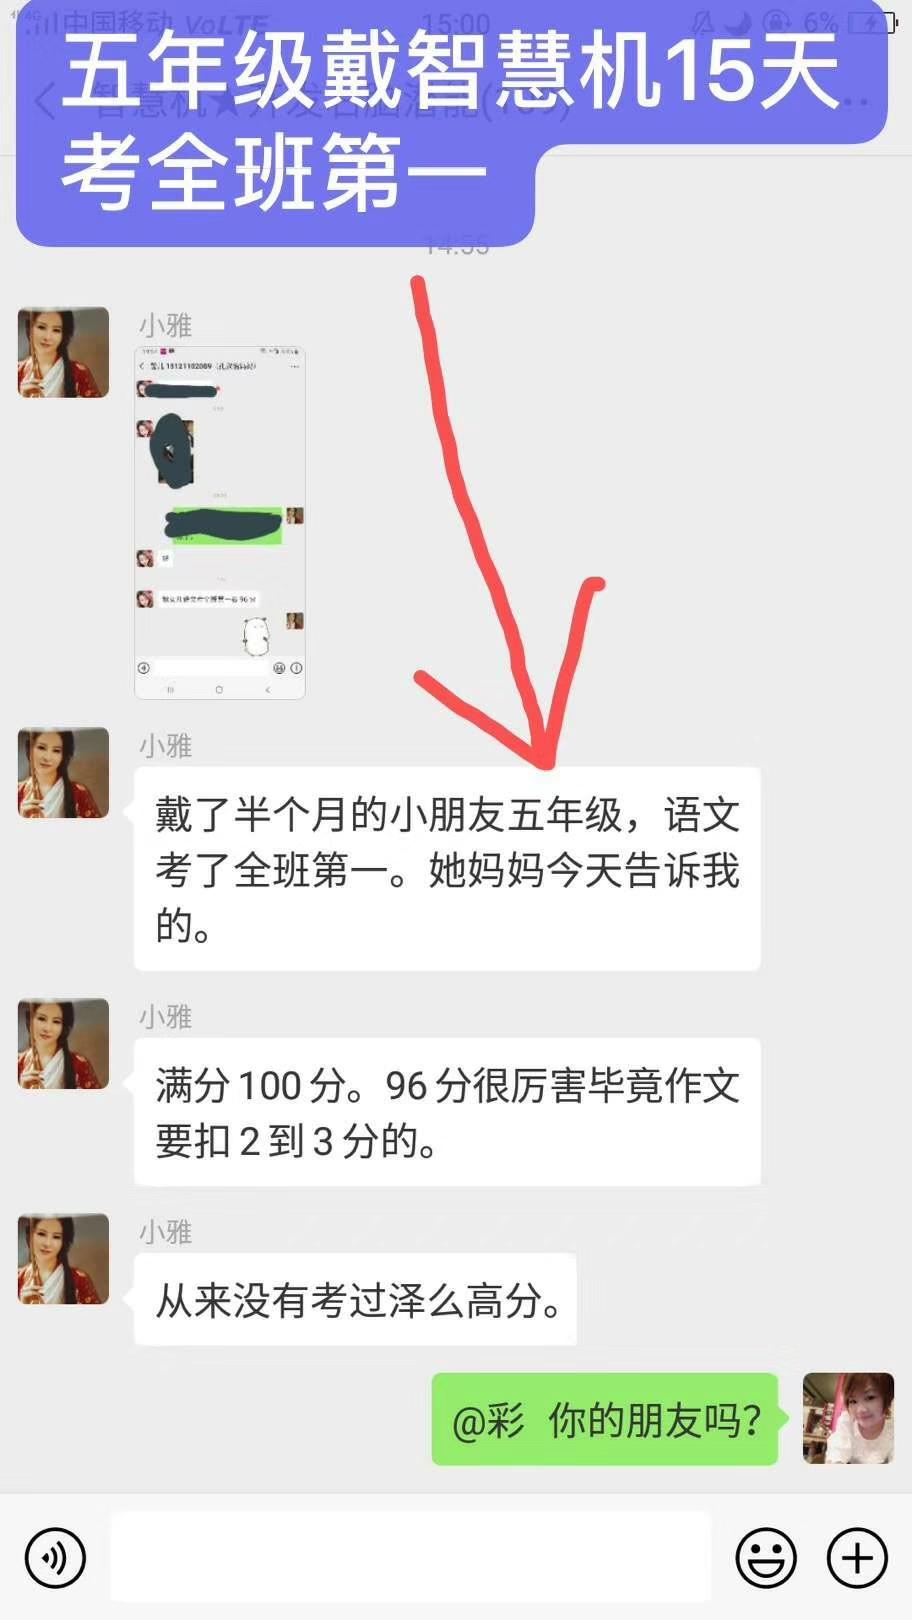 湖南省家教机构保证大幅度提分4个月里